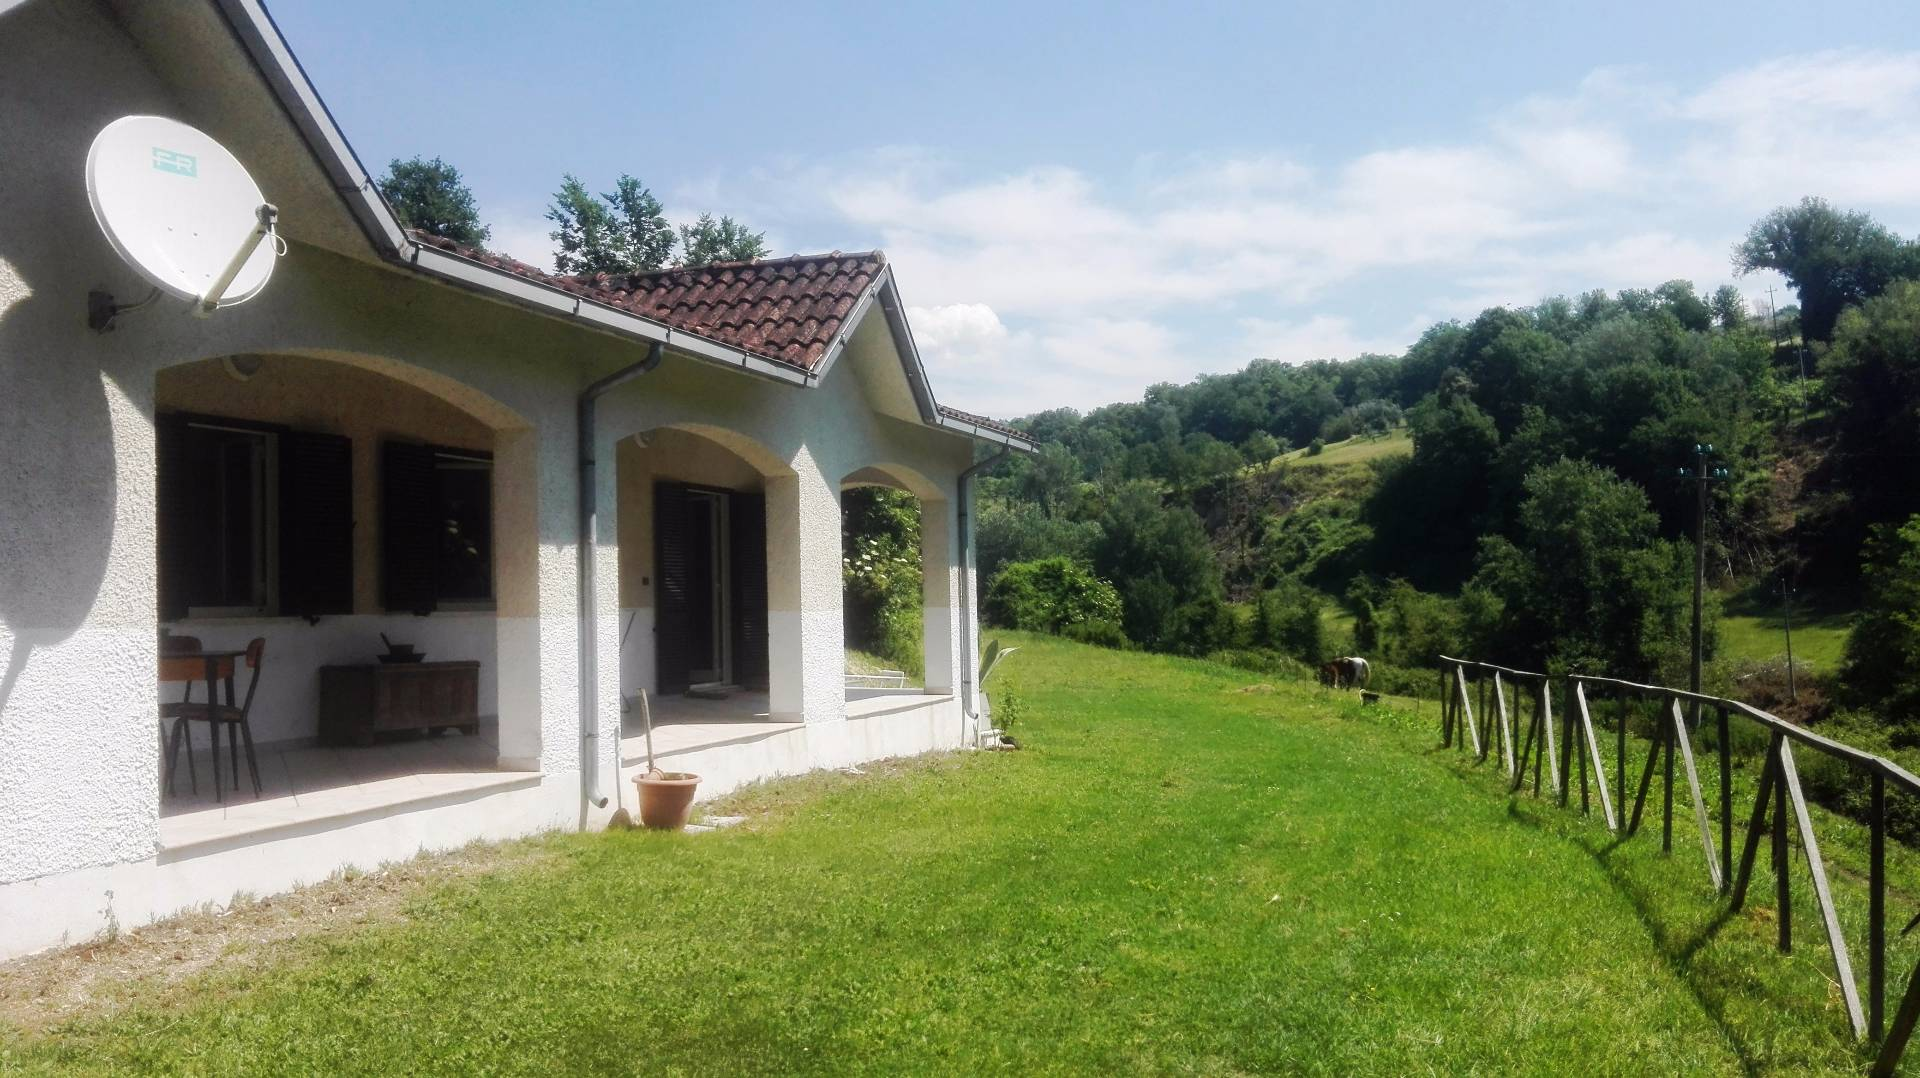 Villa in vendita a Tarano, 5 locali, prezzo € 149.000 | CambioCasa.it